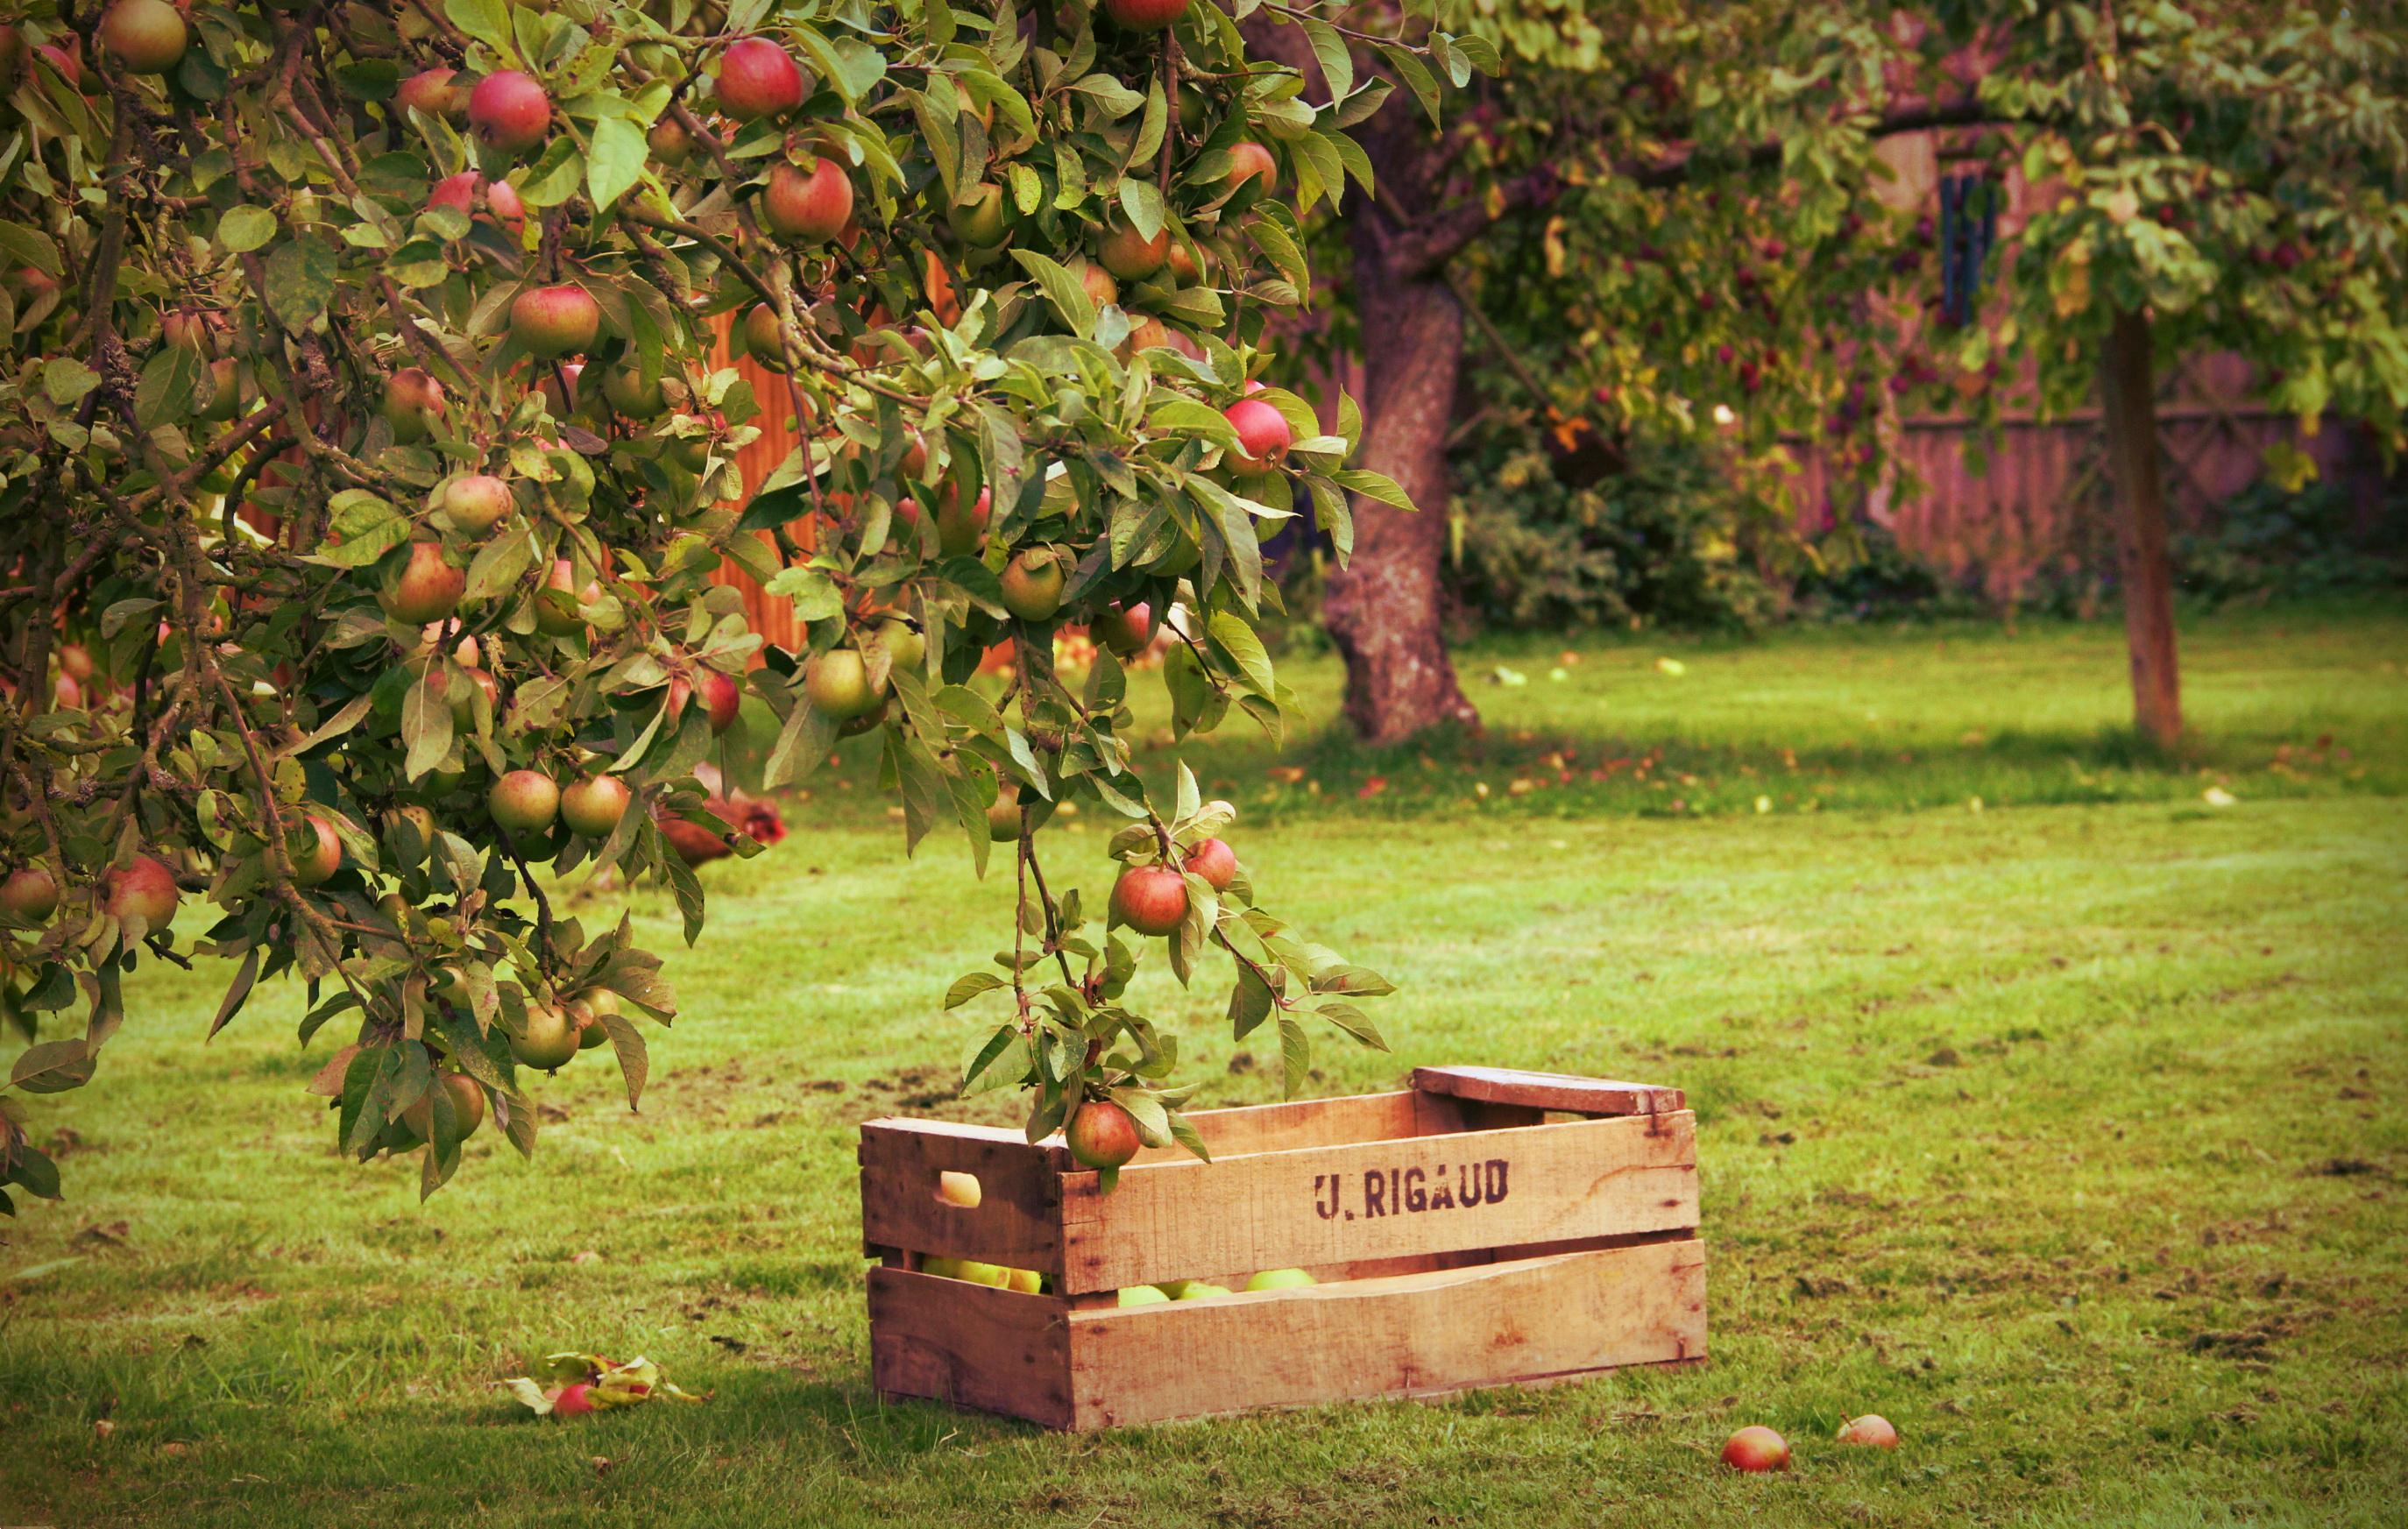 картинки сад с яблонями январский самый первый